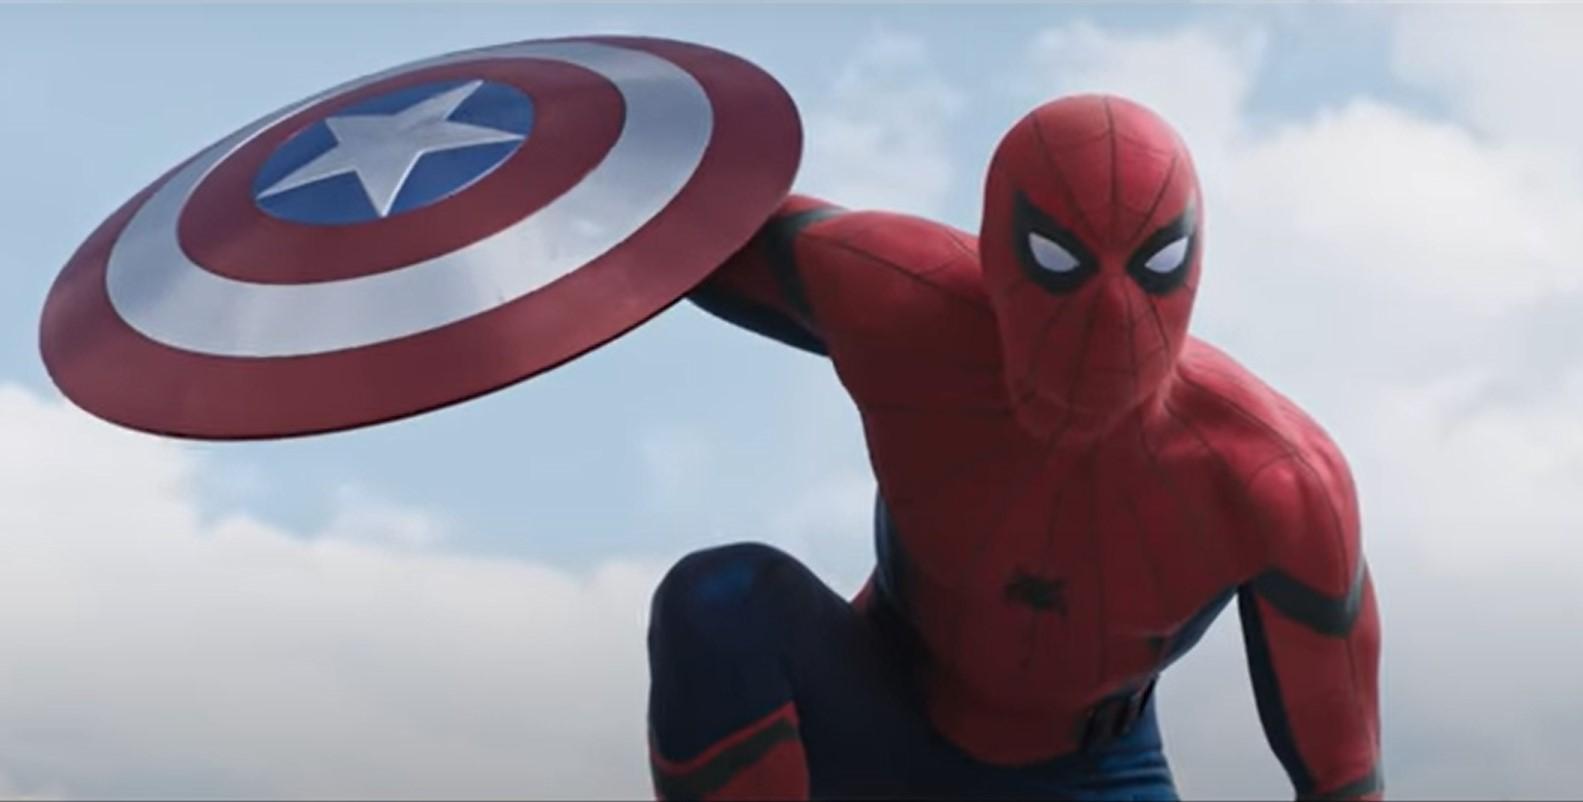 Spider-Man Homecoming Trailer still